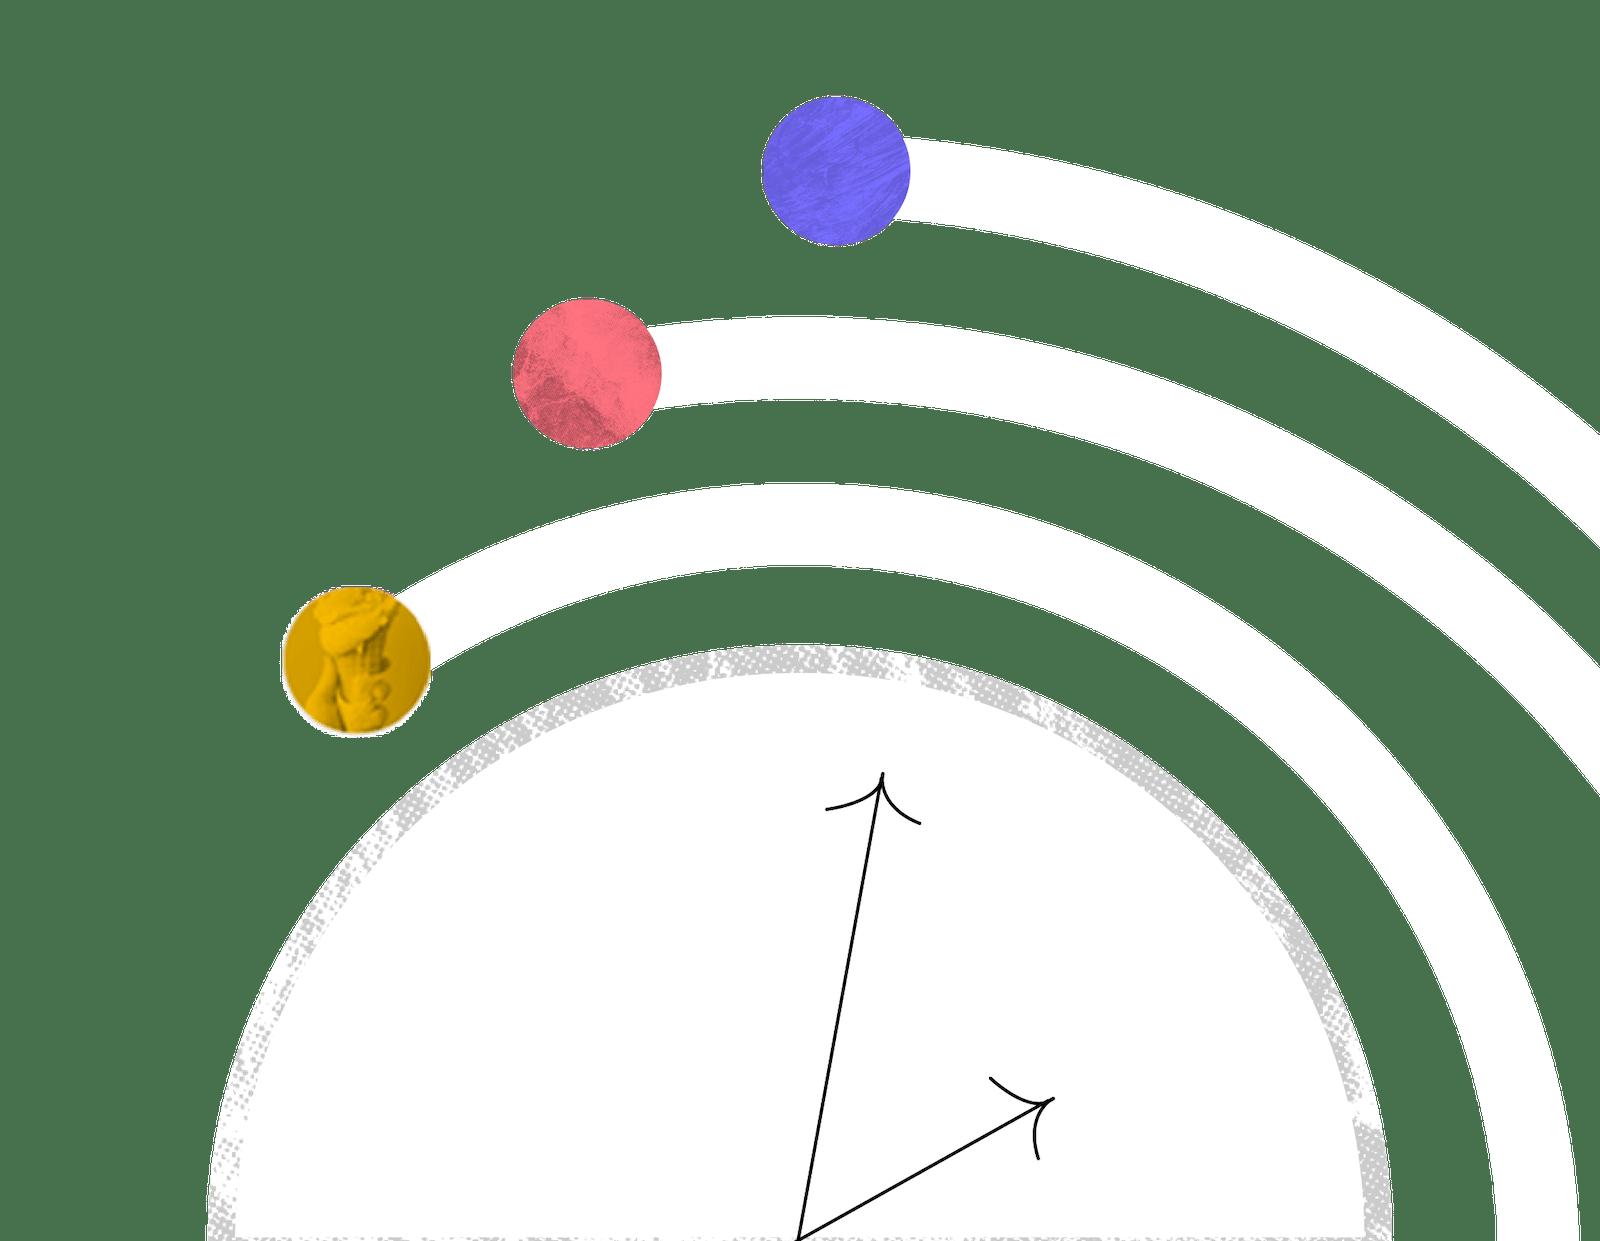 Plateforme de gestion du travail Asana